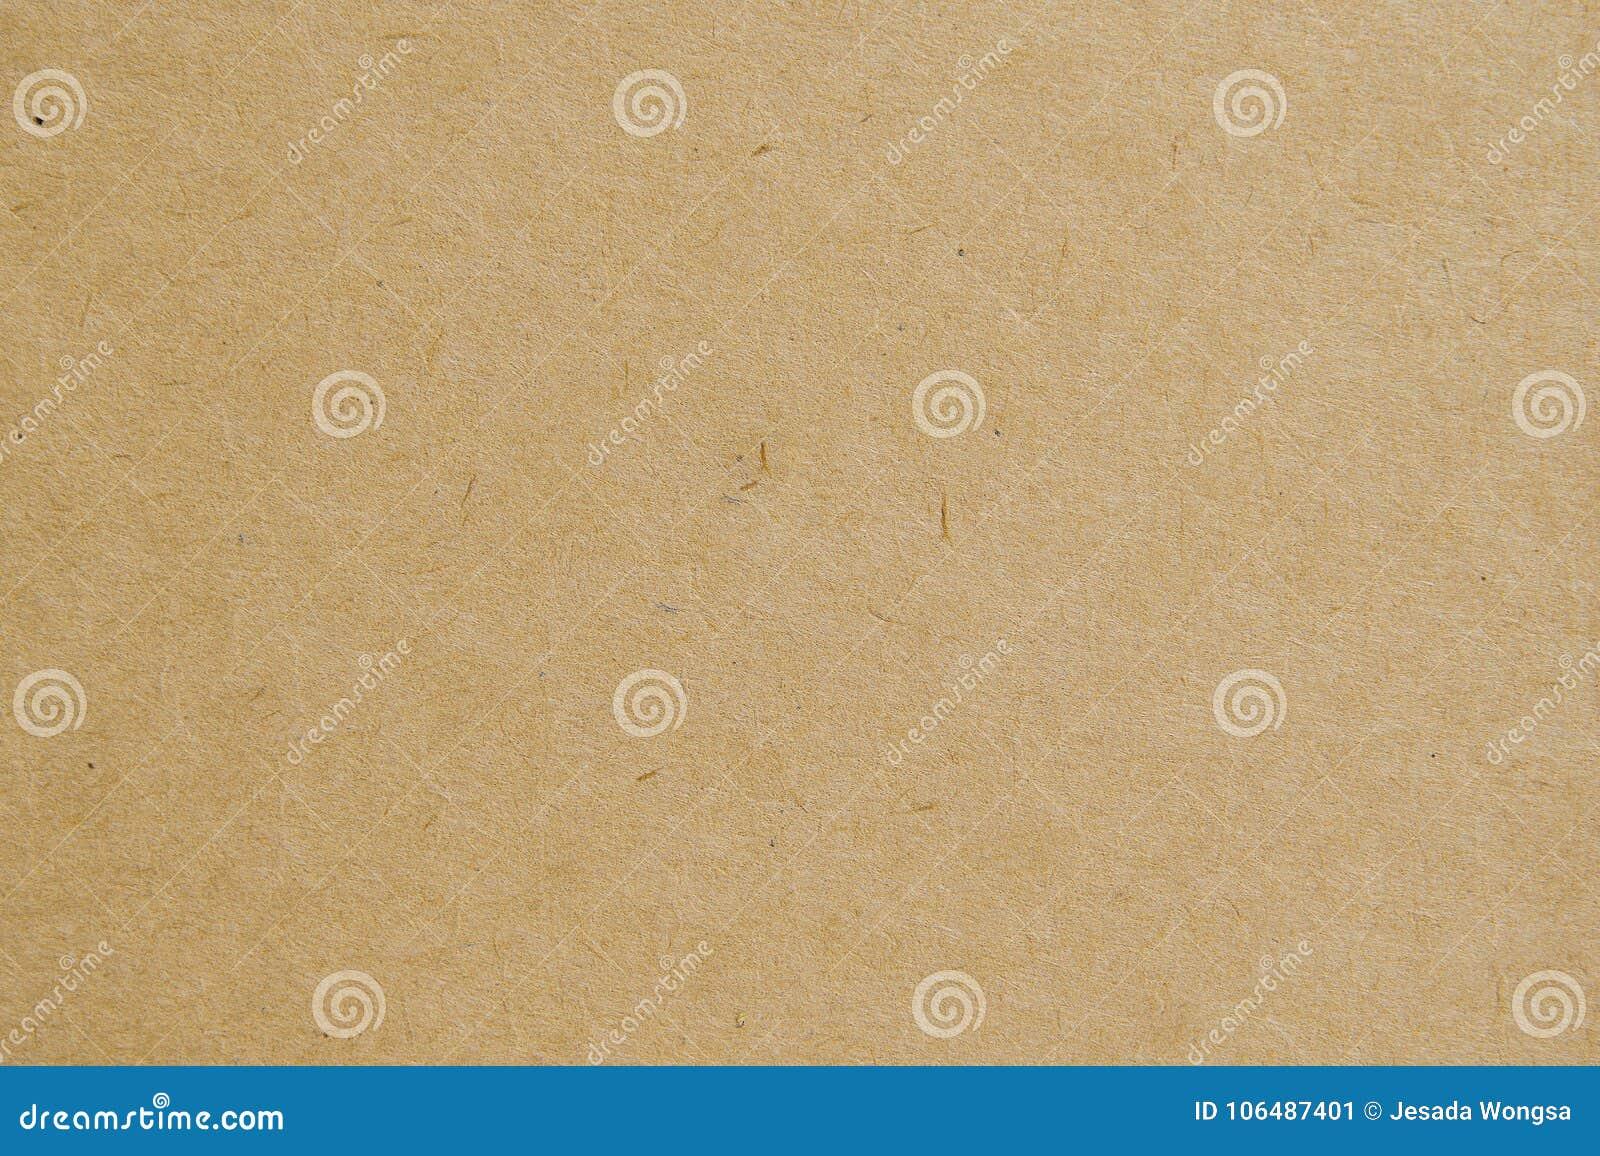 Texturbakgrund för brunt papper använder oss designen för kraft brevpapper- eller paperboardbakgrund